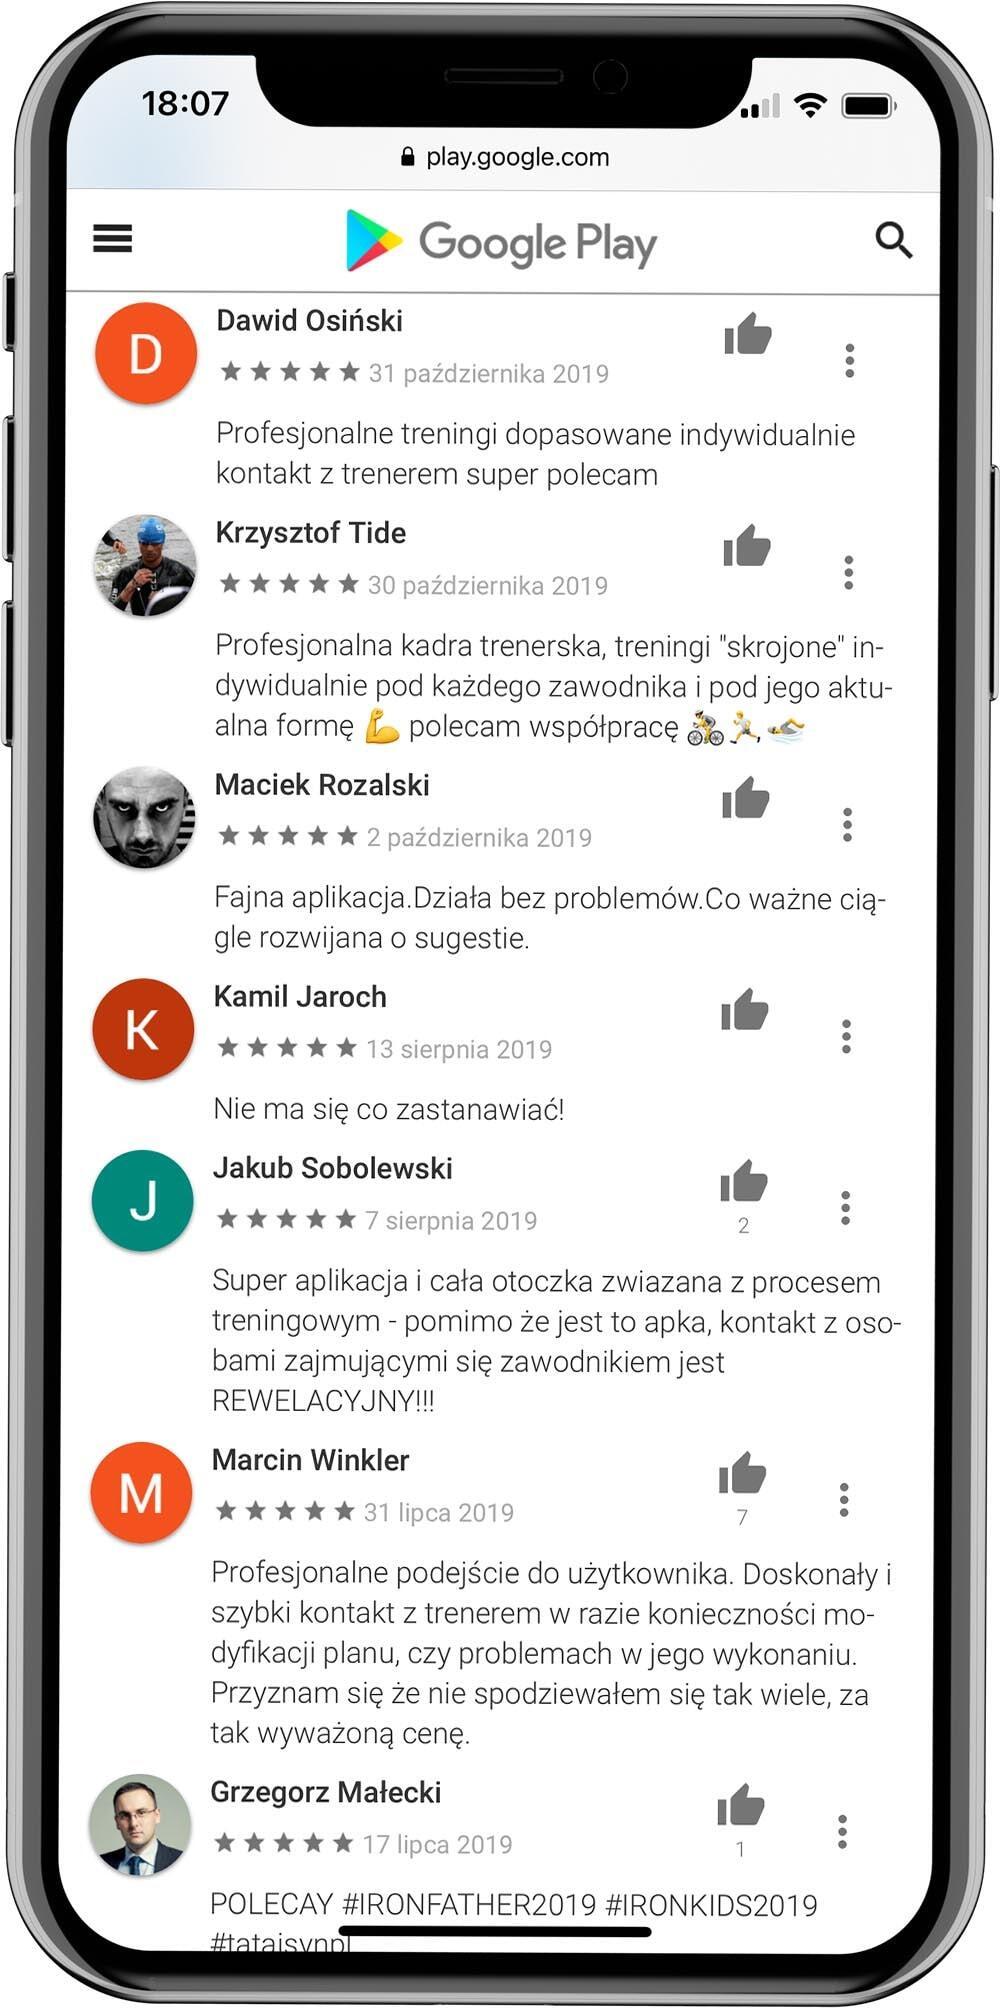 googleplay-opinie-10